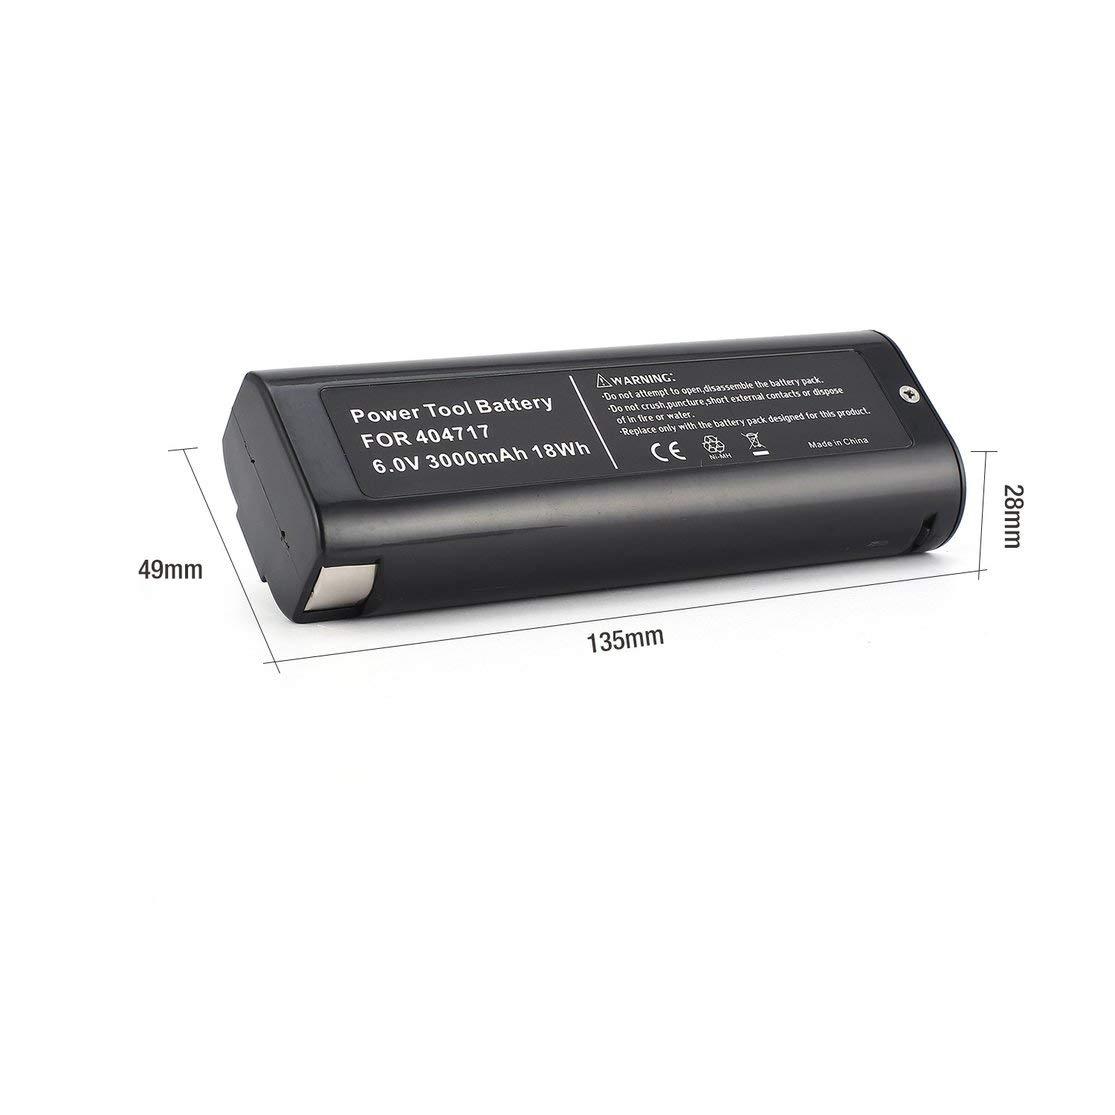 Candybarbar 6V 3000mAh 2pcs Bater/ía Recargable de Repuesto para Herramienta el/éctrica para Paslode 404717 BCPAS-404717 Carga r/ápida Mayor Capacidad